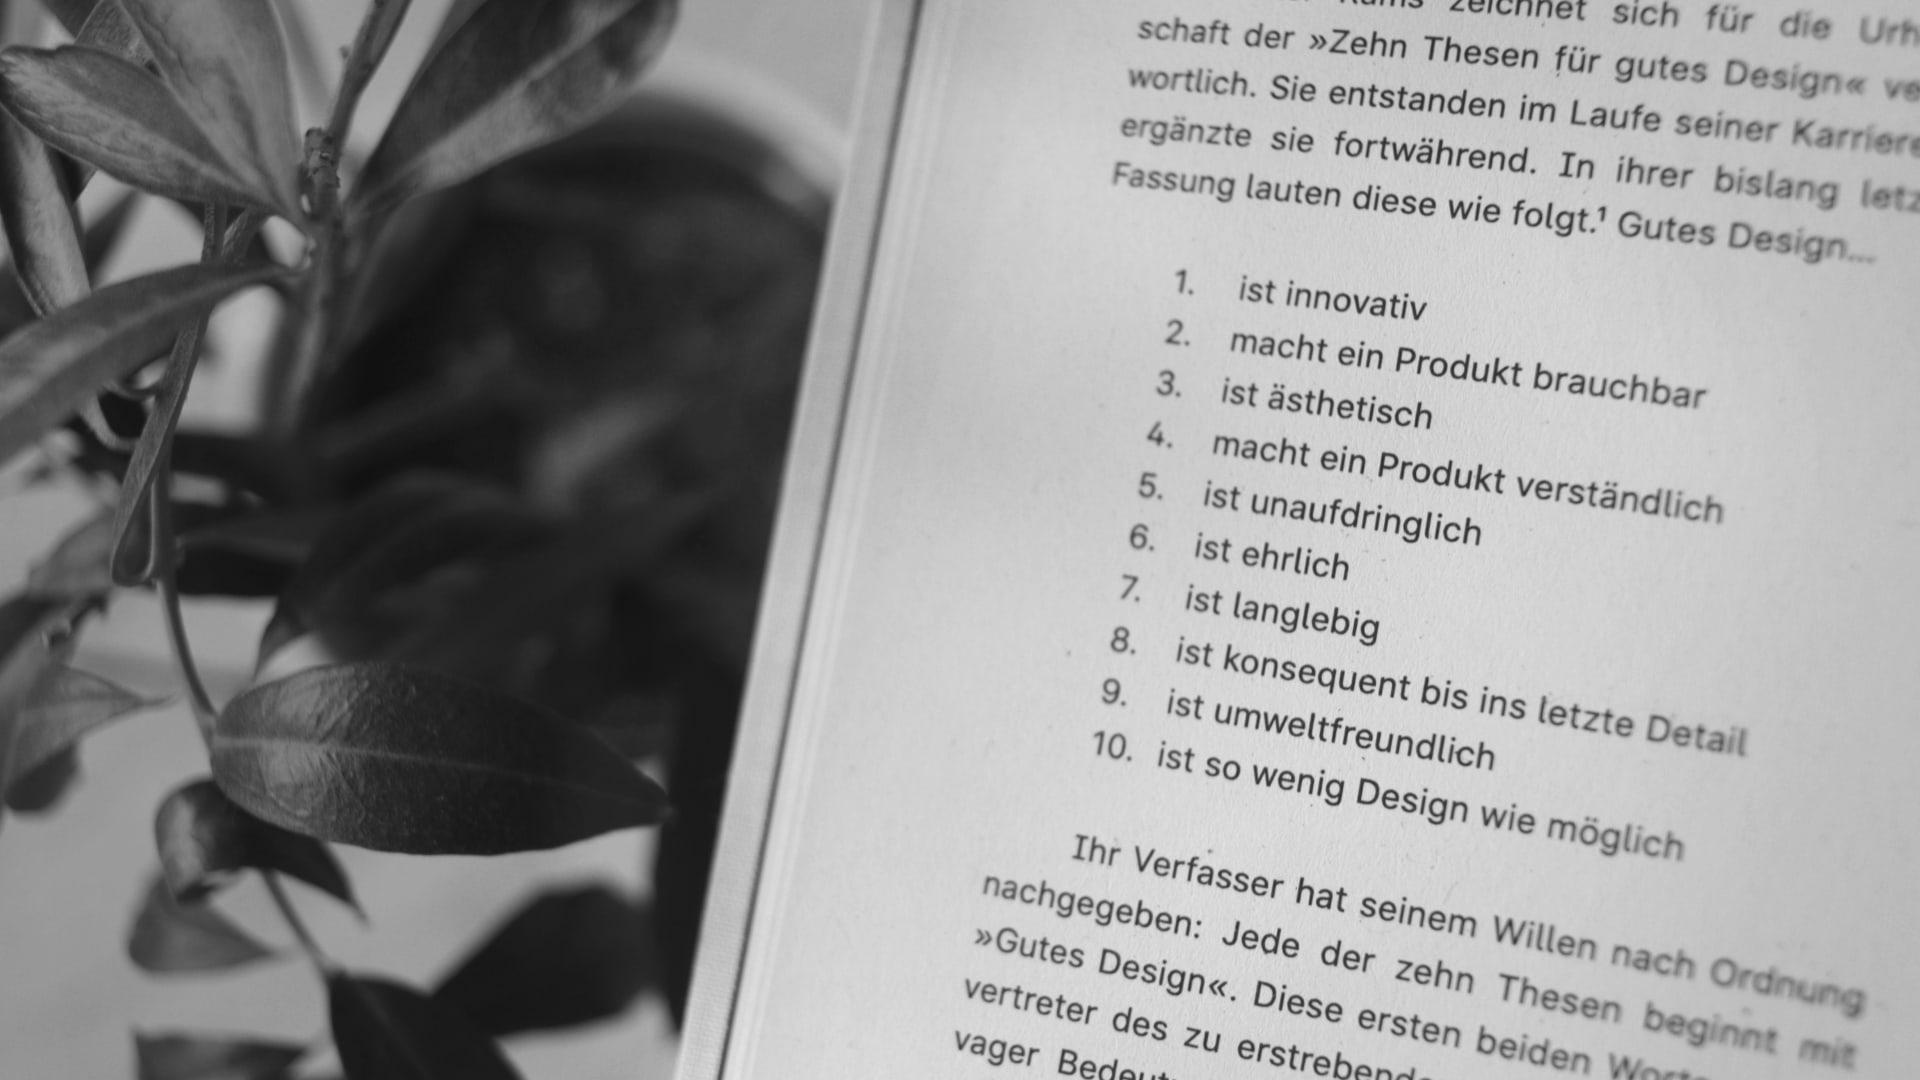 Die Zehn Thesen für Gutes Design von Dieter Rams